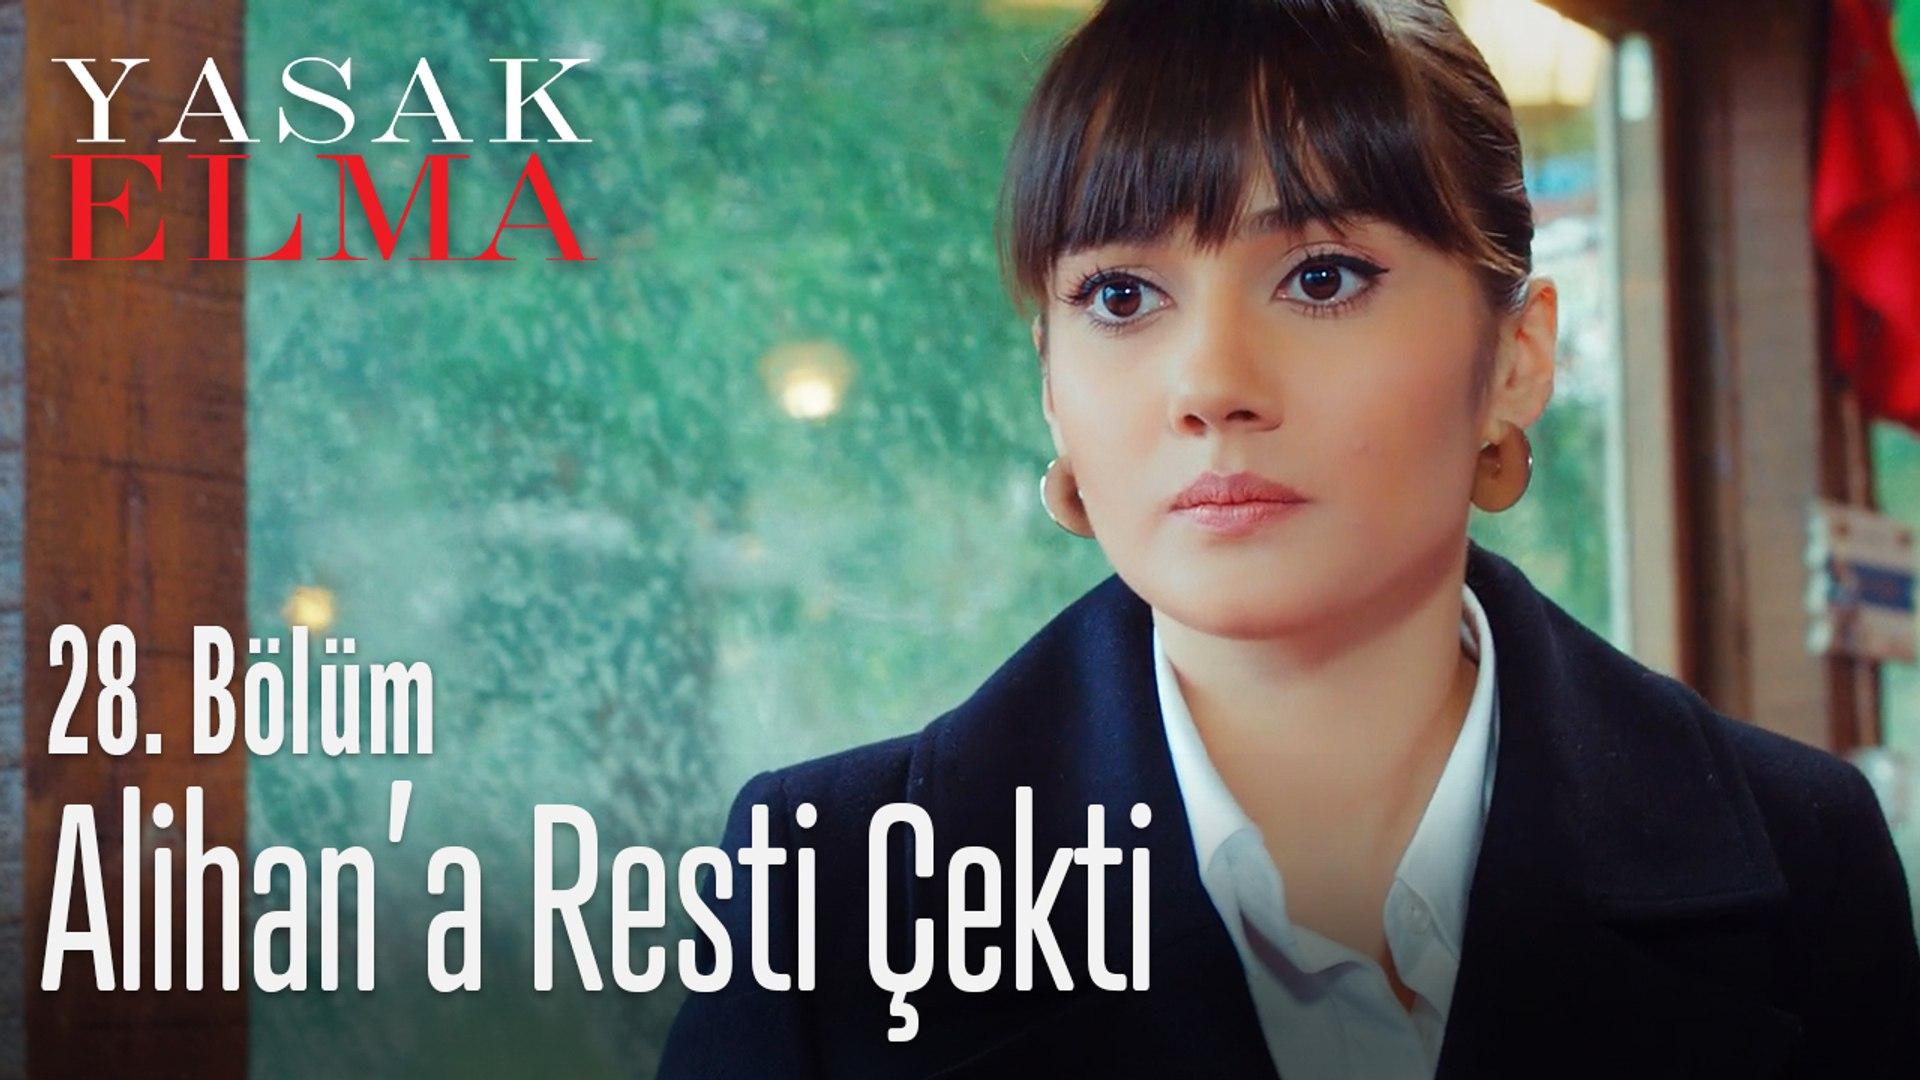 Zeynep Alihan'a resti çekti - Yasak Elma 28. Bölüm